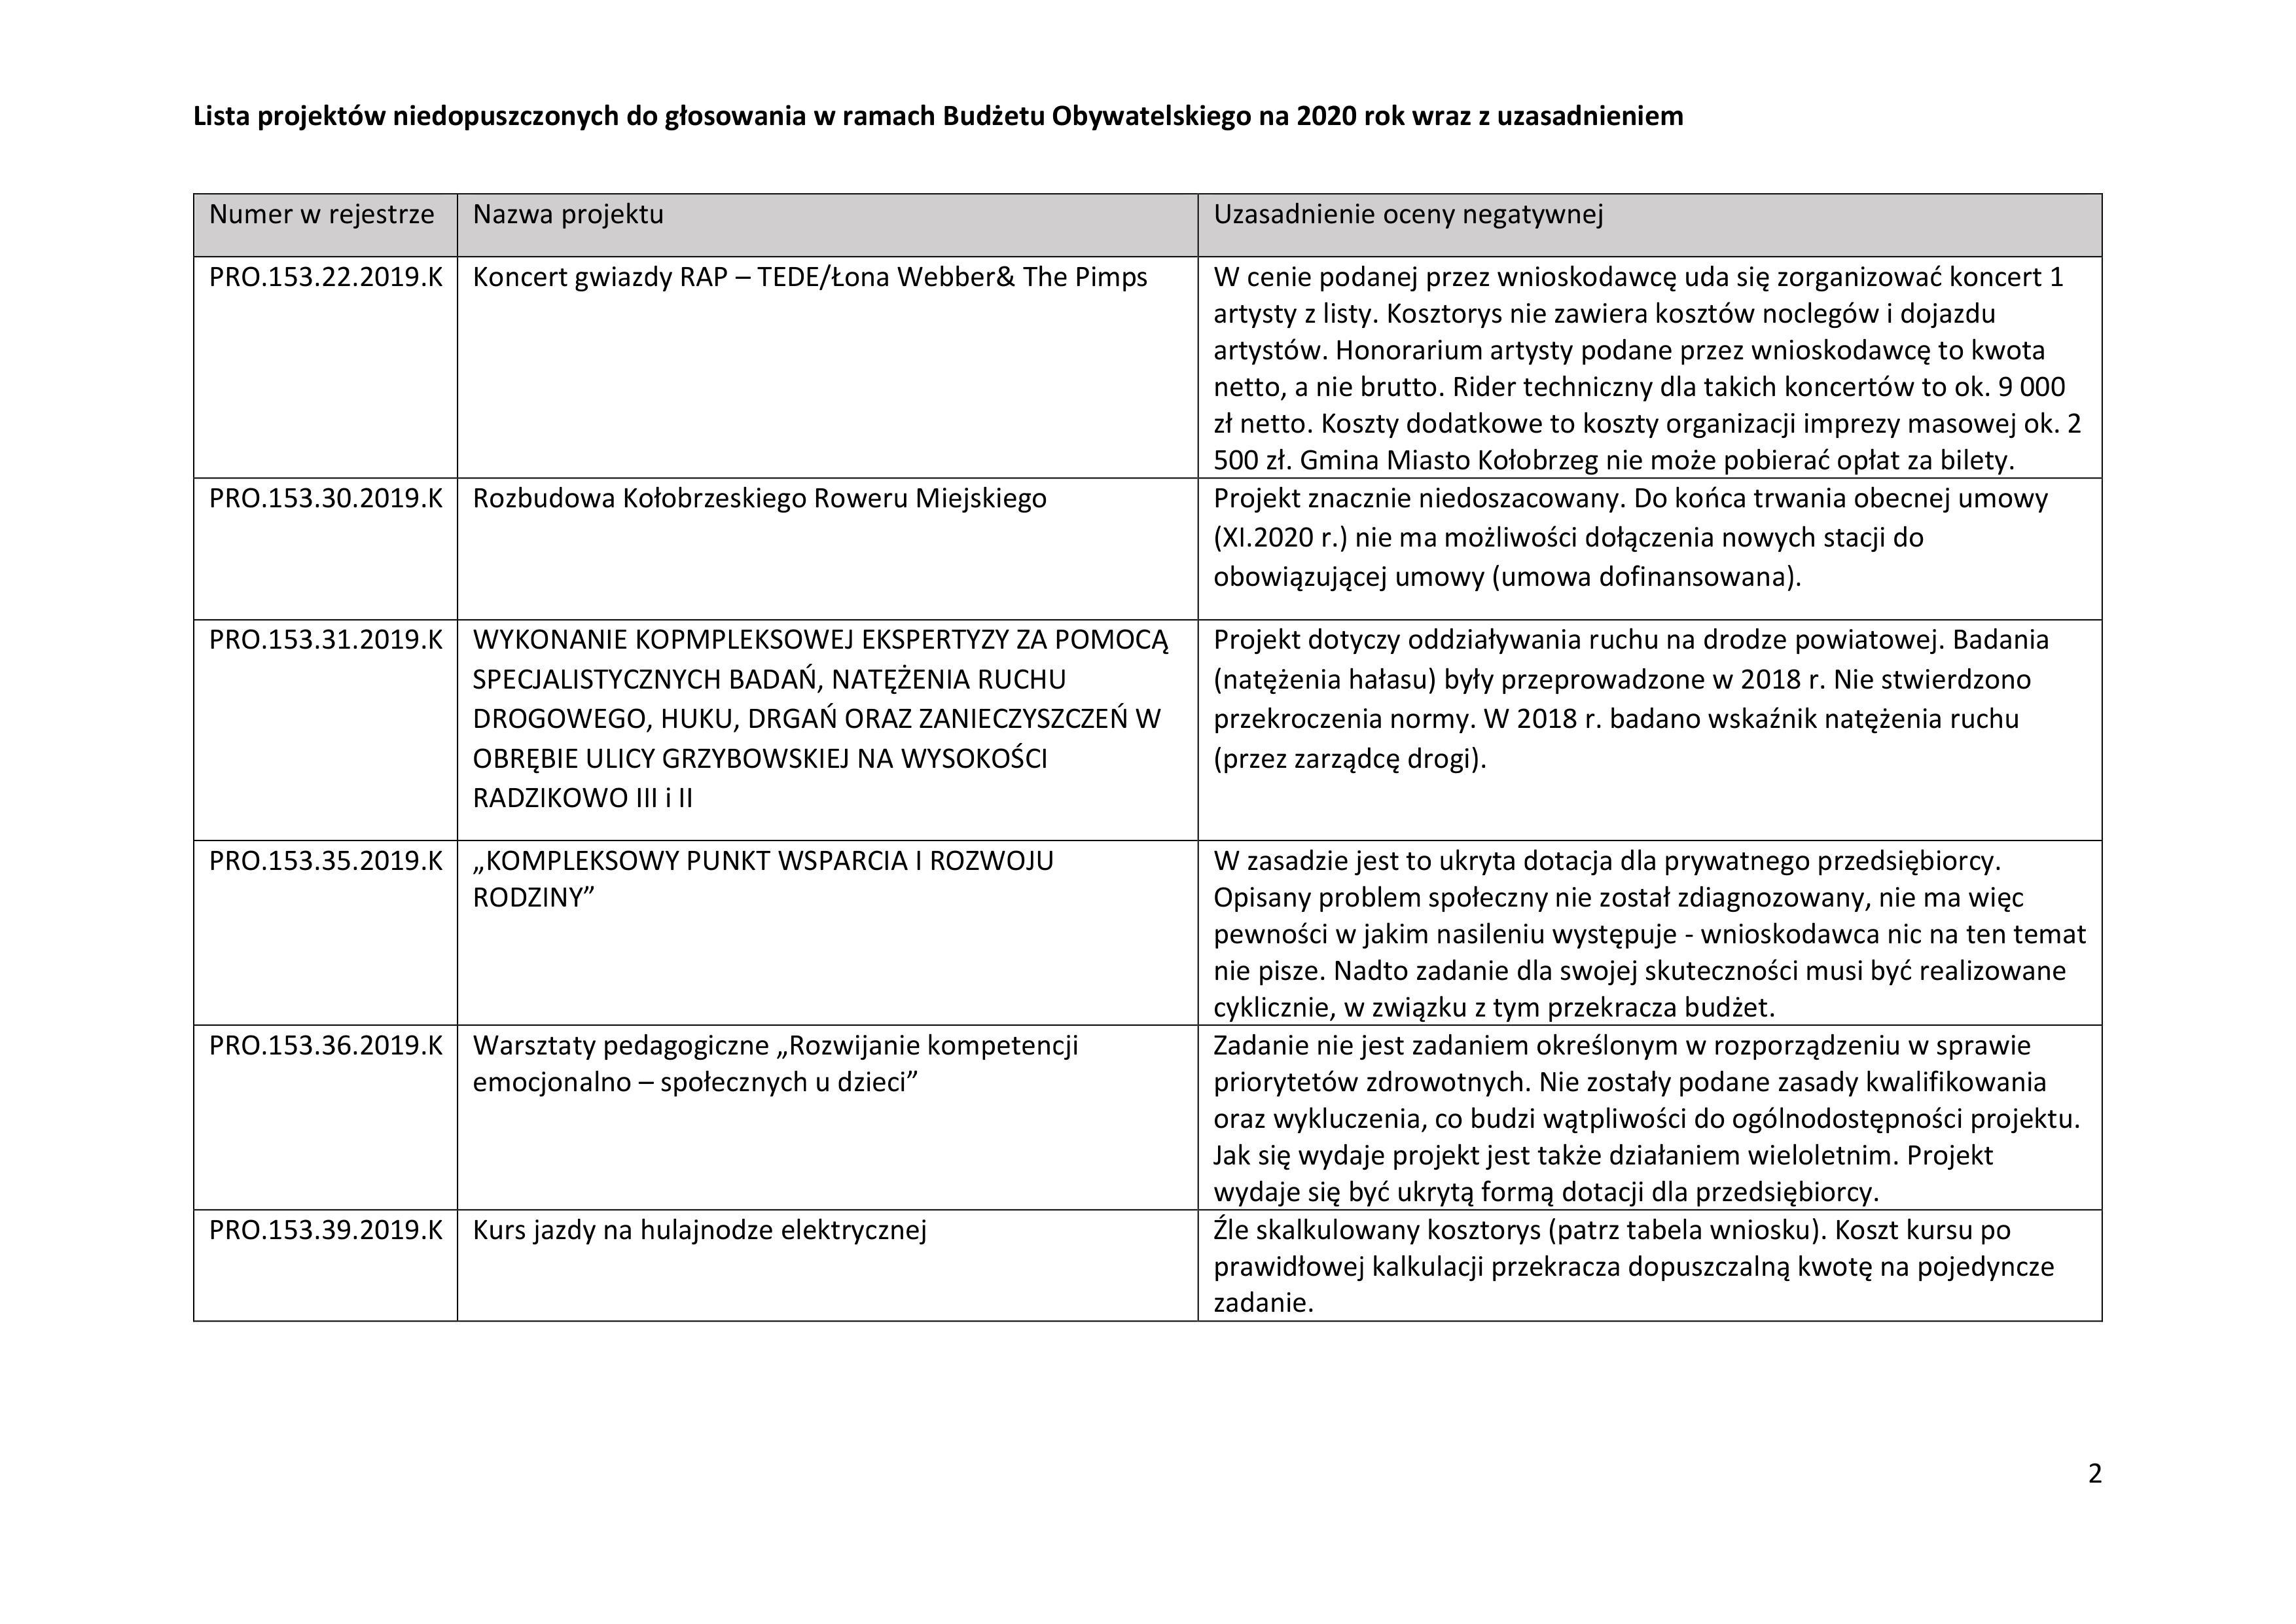 niedo2 2 - Jakie projekty wpłynęły do Budżetu Obywatelskiego? Jest m.in. Jadłodzielnia i interaktywny plac zabaw przy Frankowskiego (lista)